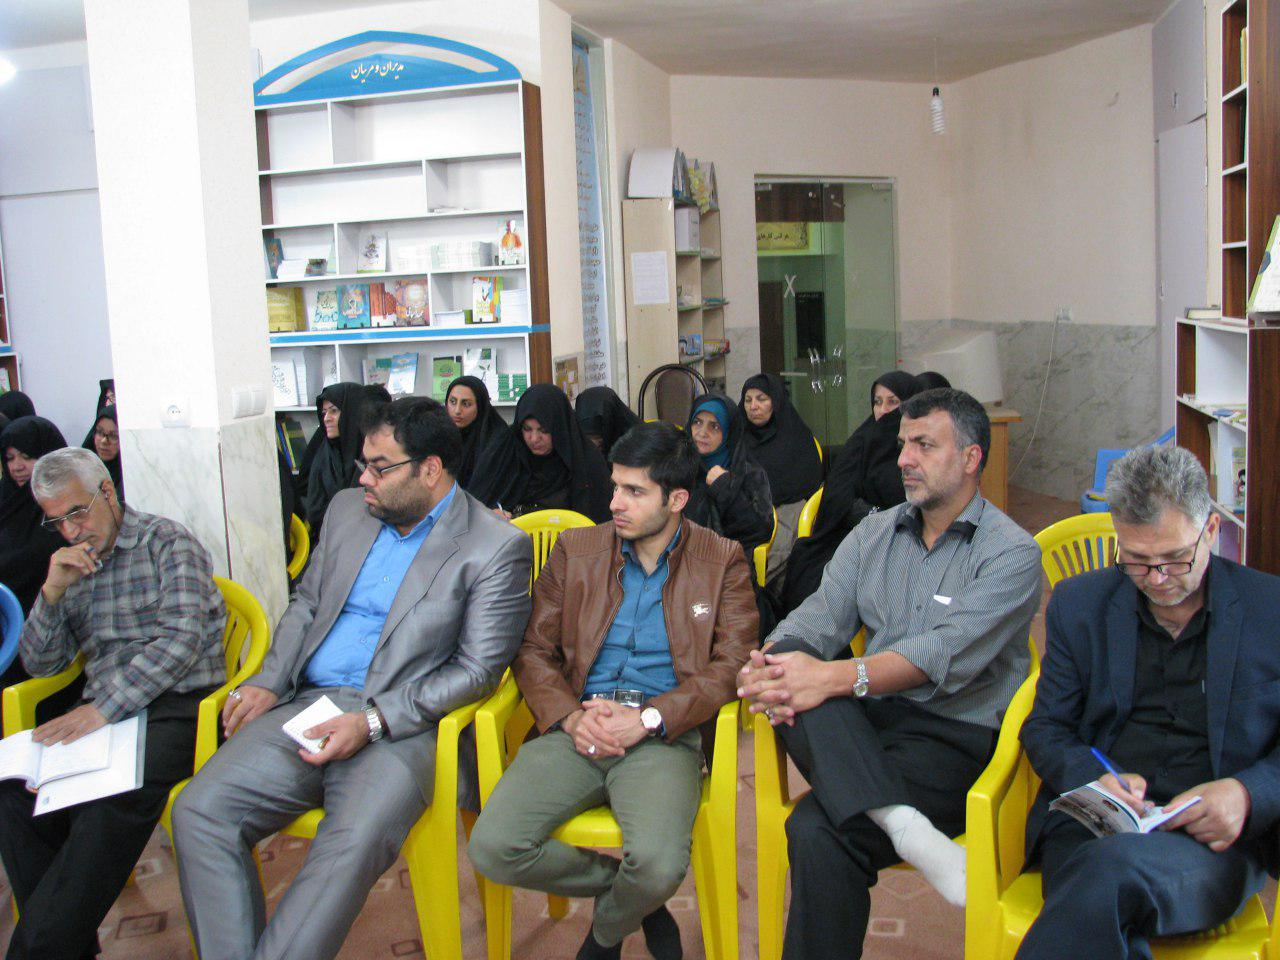 حضور مربیان پرورشی و معاونین محترم آموزش و پرورش شهرستان مهدیشهر در محل دبیرخانه مرکزی طرح مطالعاتی آرامش ماندگار